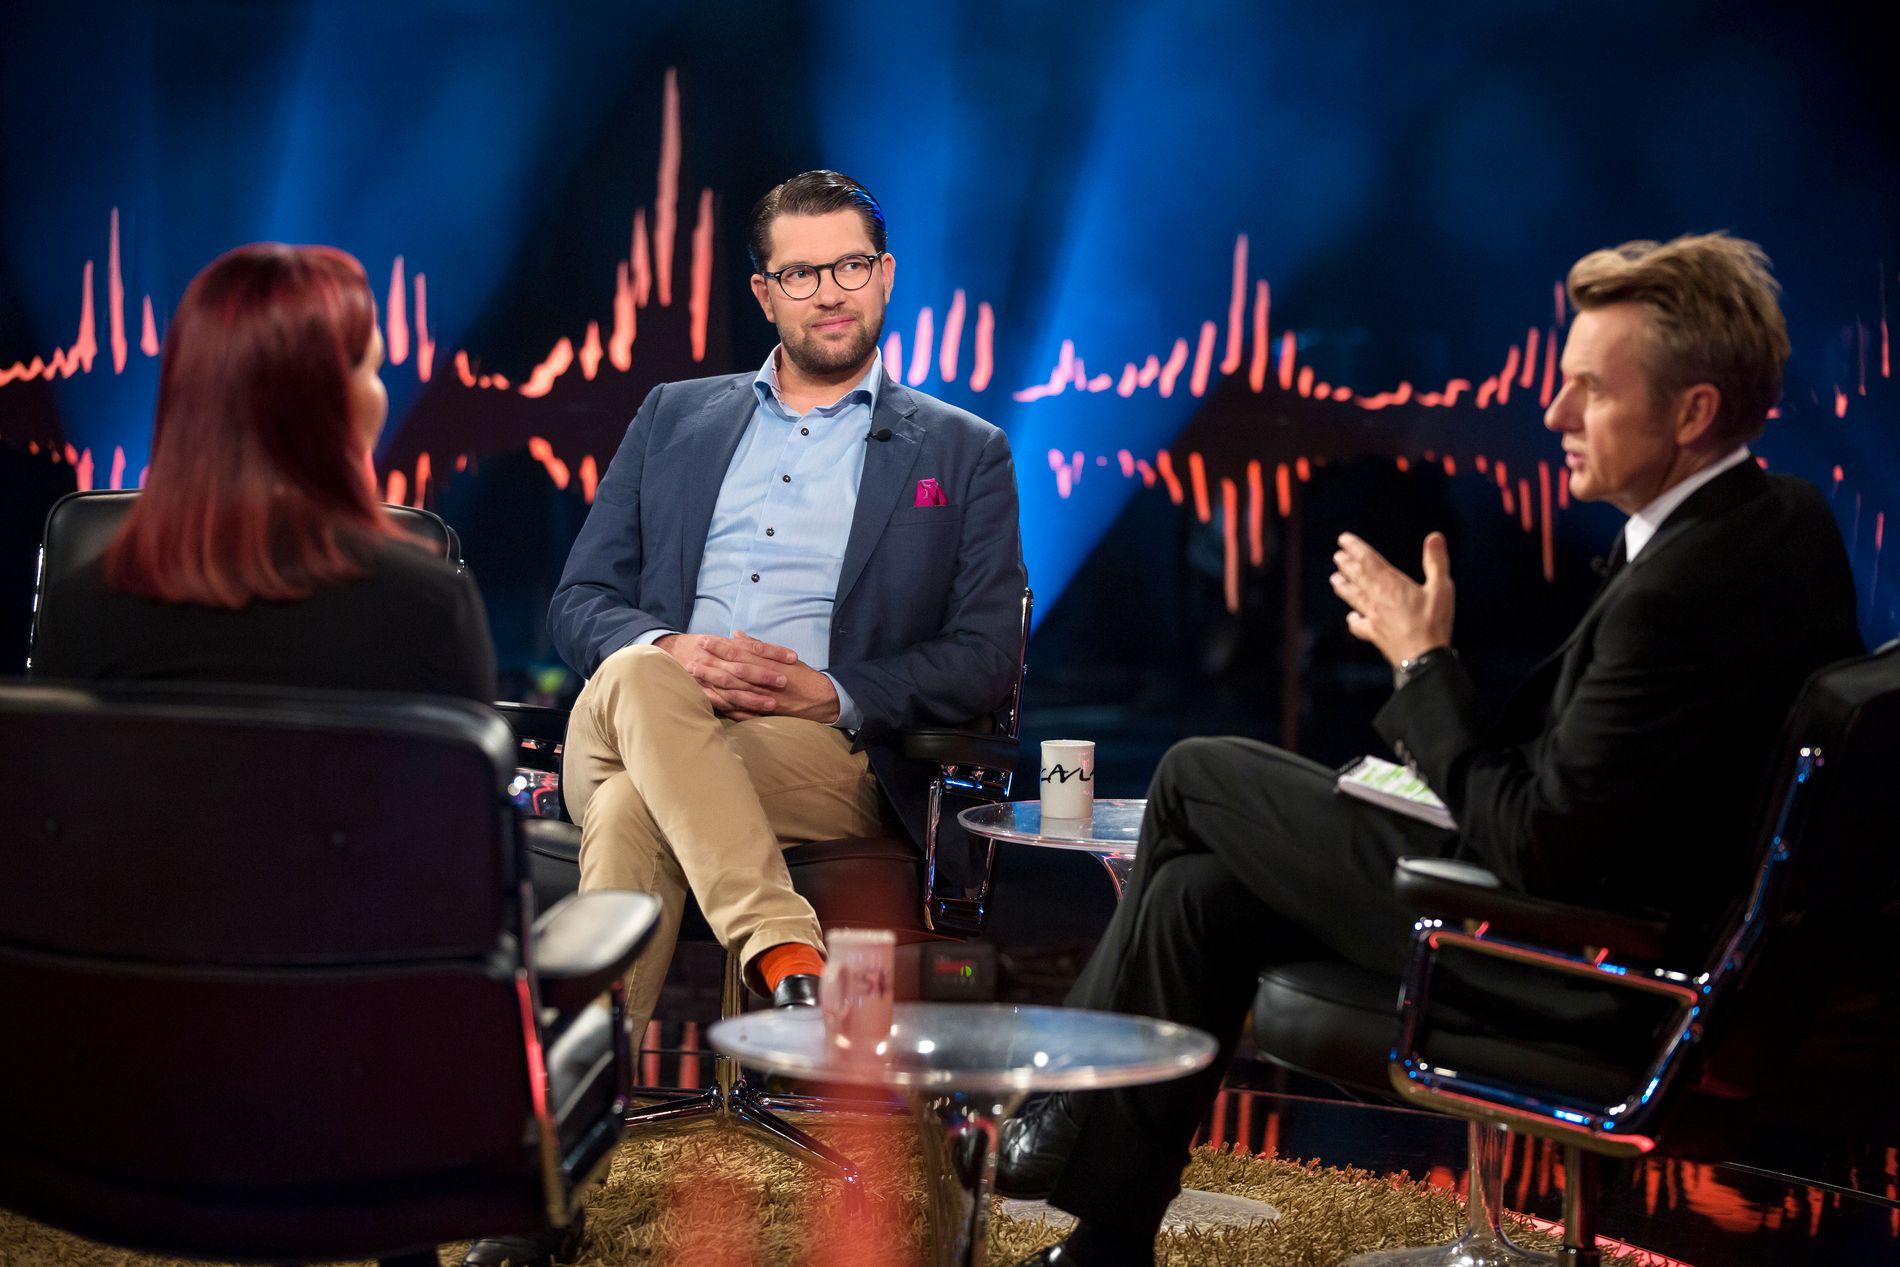 ÅKESSON HOS SKAVLAN: Sverigedemokraterna-leder Jimmie Åkesson fikk svette i stolen hos Skavlan.